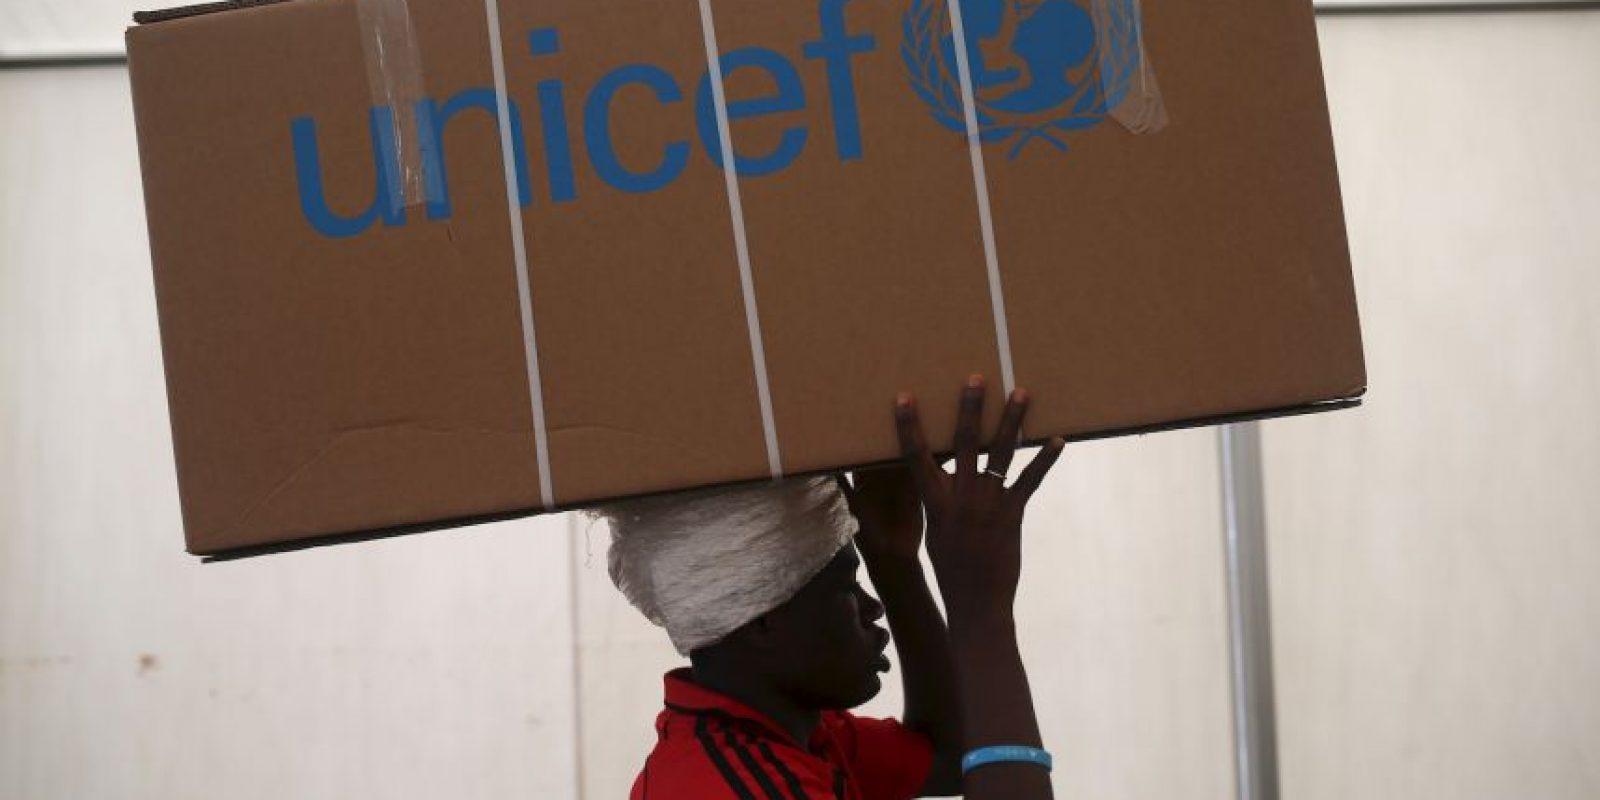 UNICEF también está trabajando con socios para proporcionar agua potable y los servicios de salud básicos. Además de buscara la manera de restaurar el acceso a la educación. Foto:Getty Images